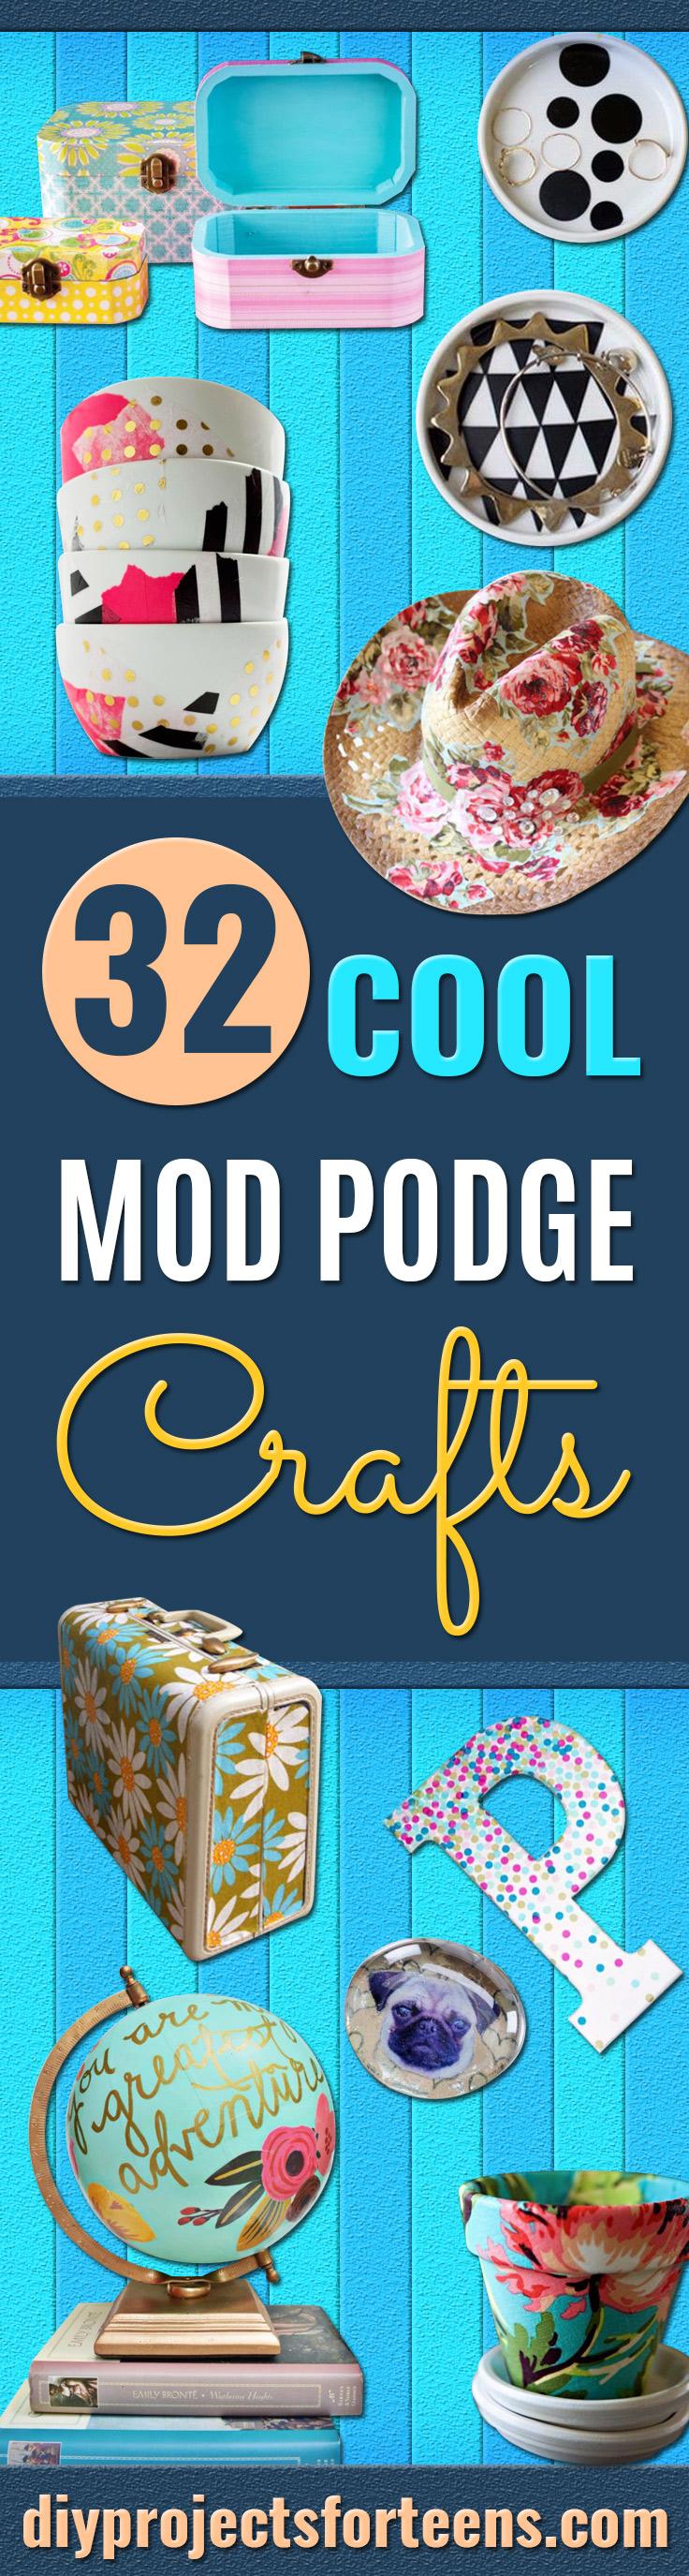 32 Mod Podge Crafts, mit denen Sie nicht falsch liegen können